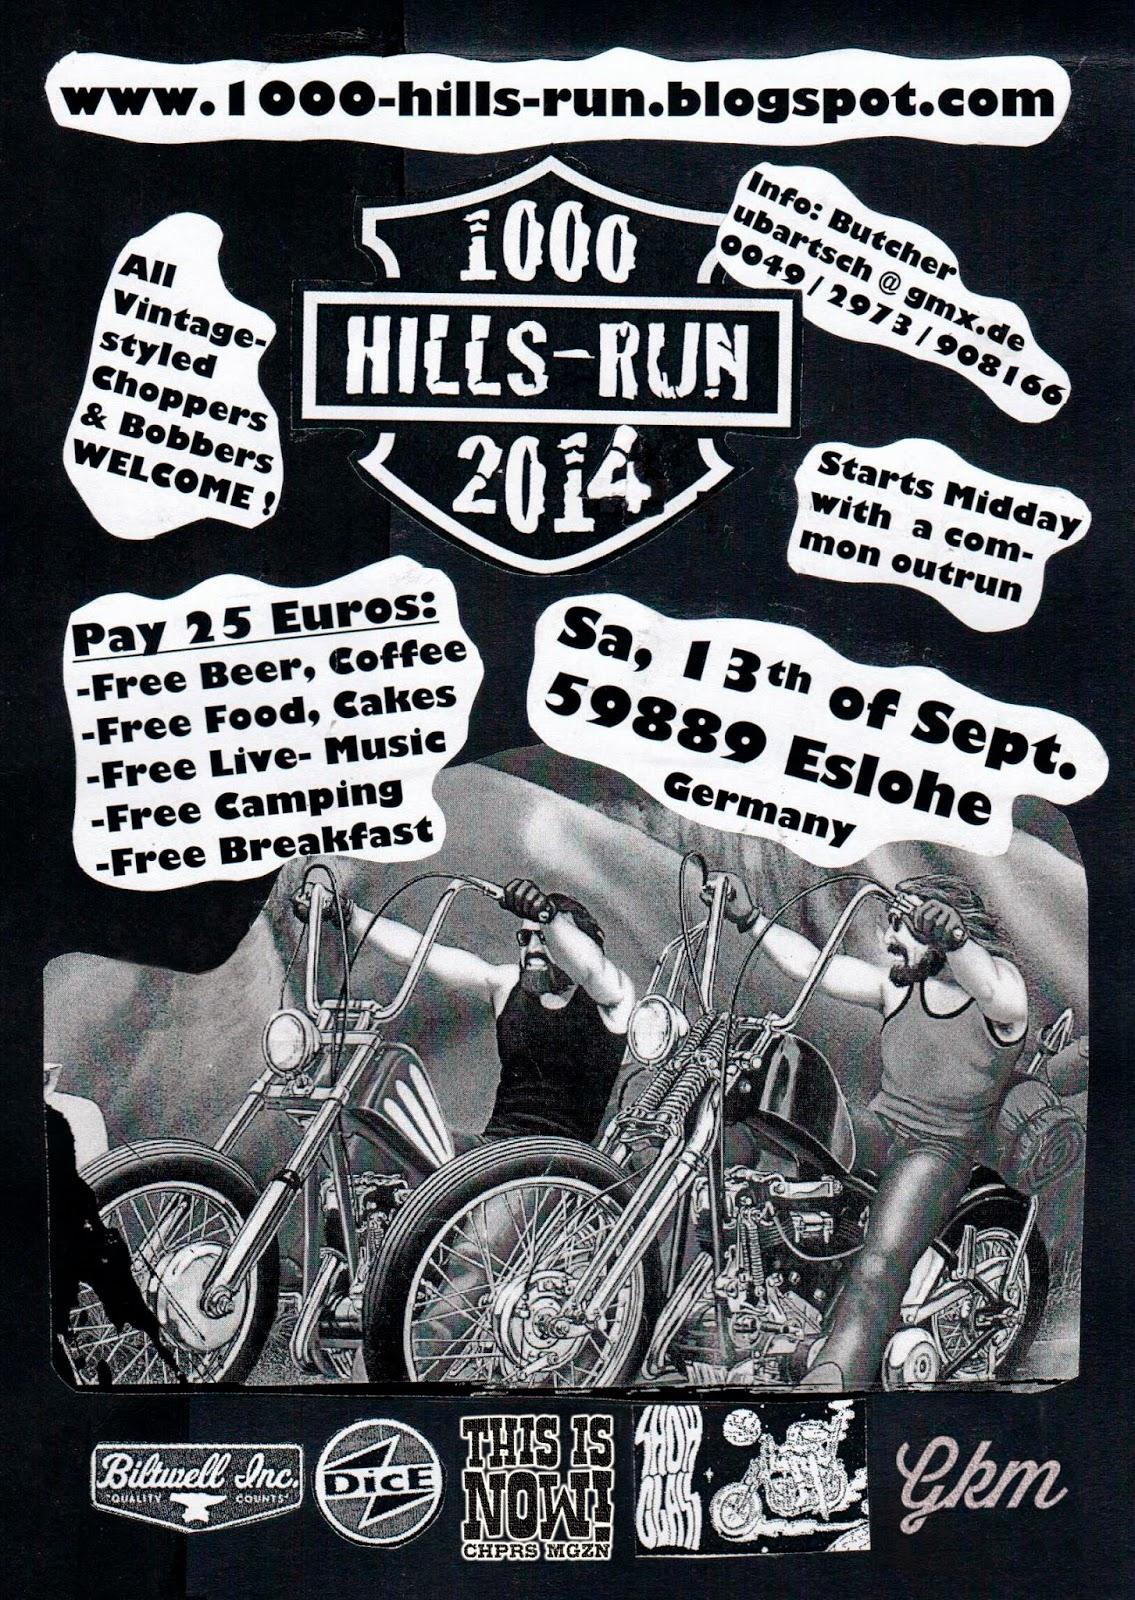 http://www.1000-hills-run.blogspot.fr/